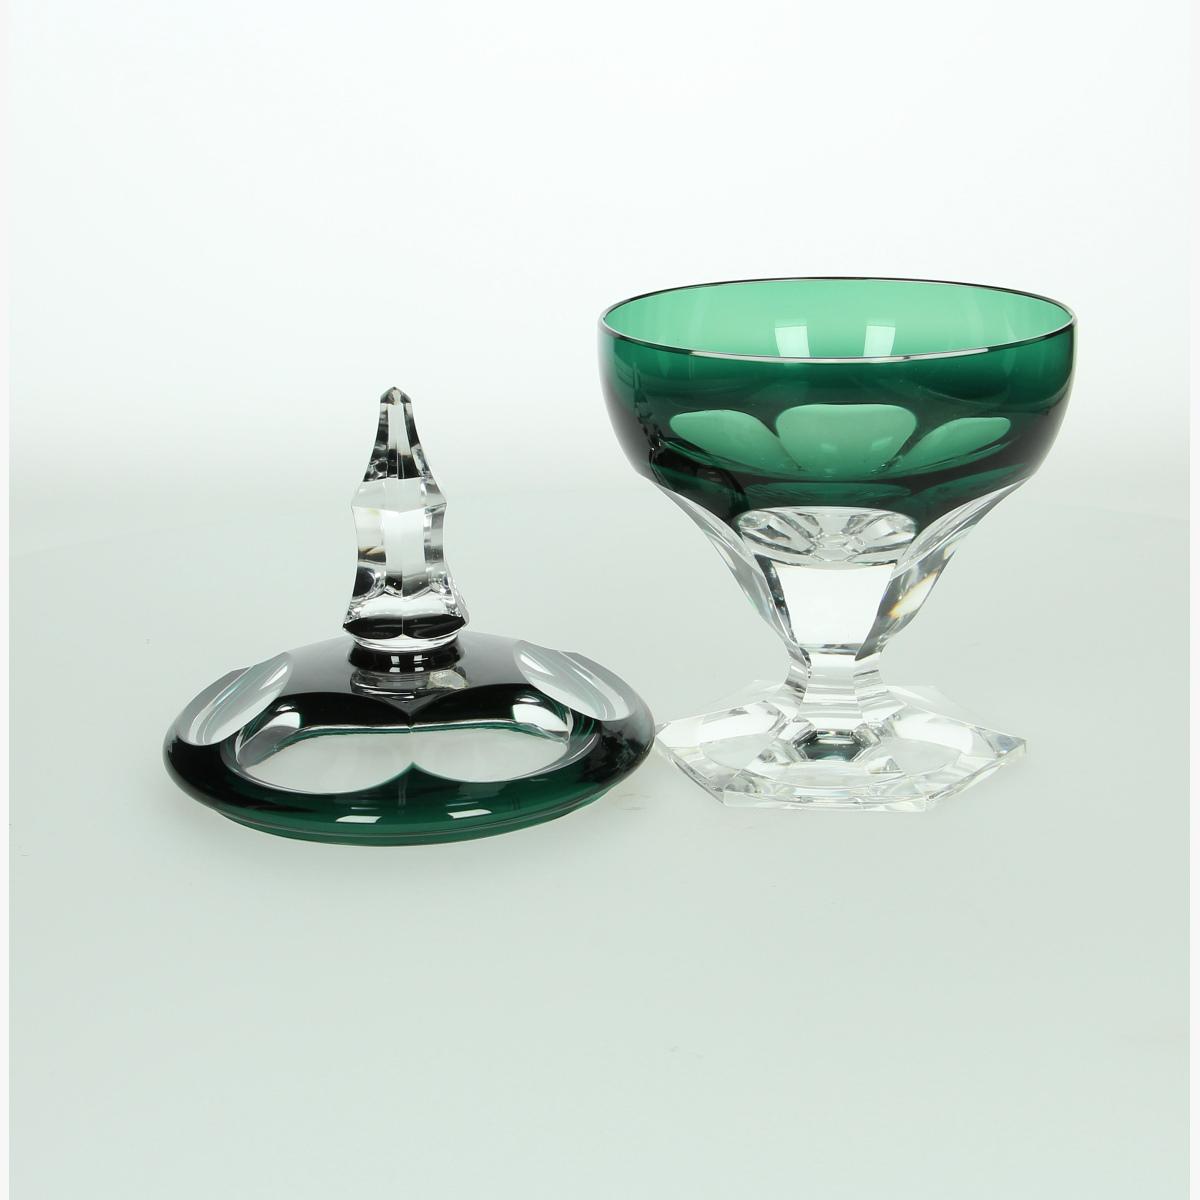 Afbeeldingen van glaswerk schaal